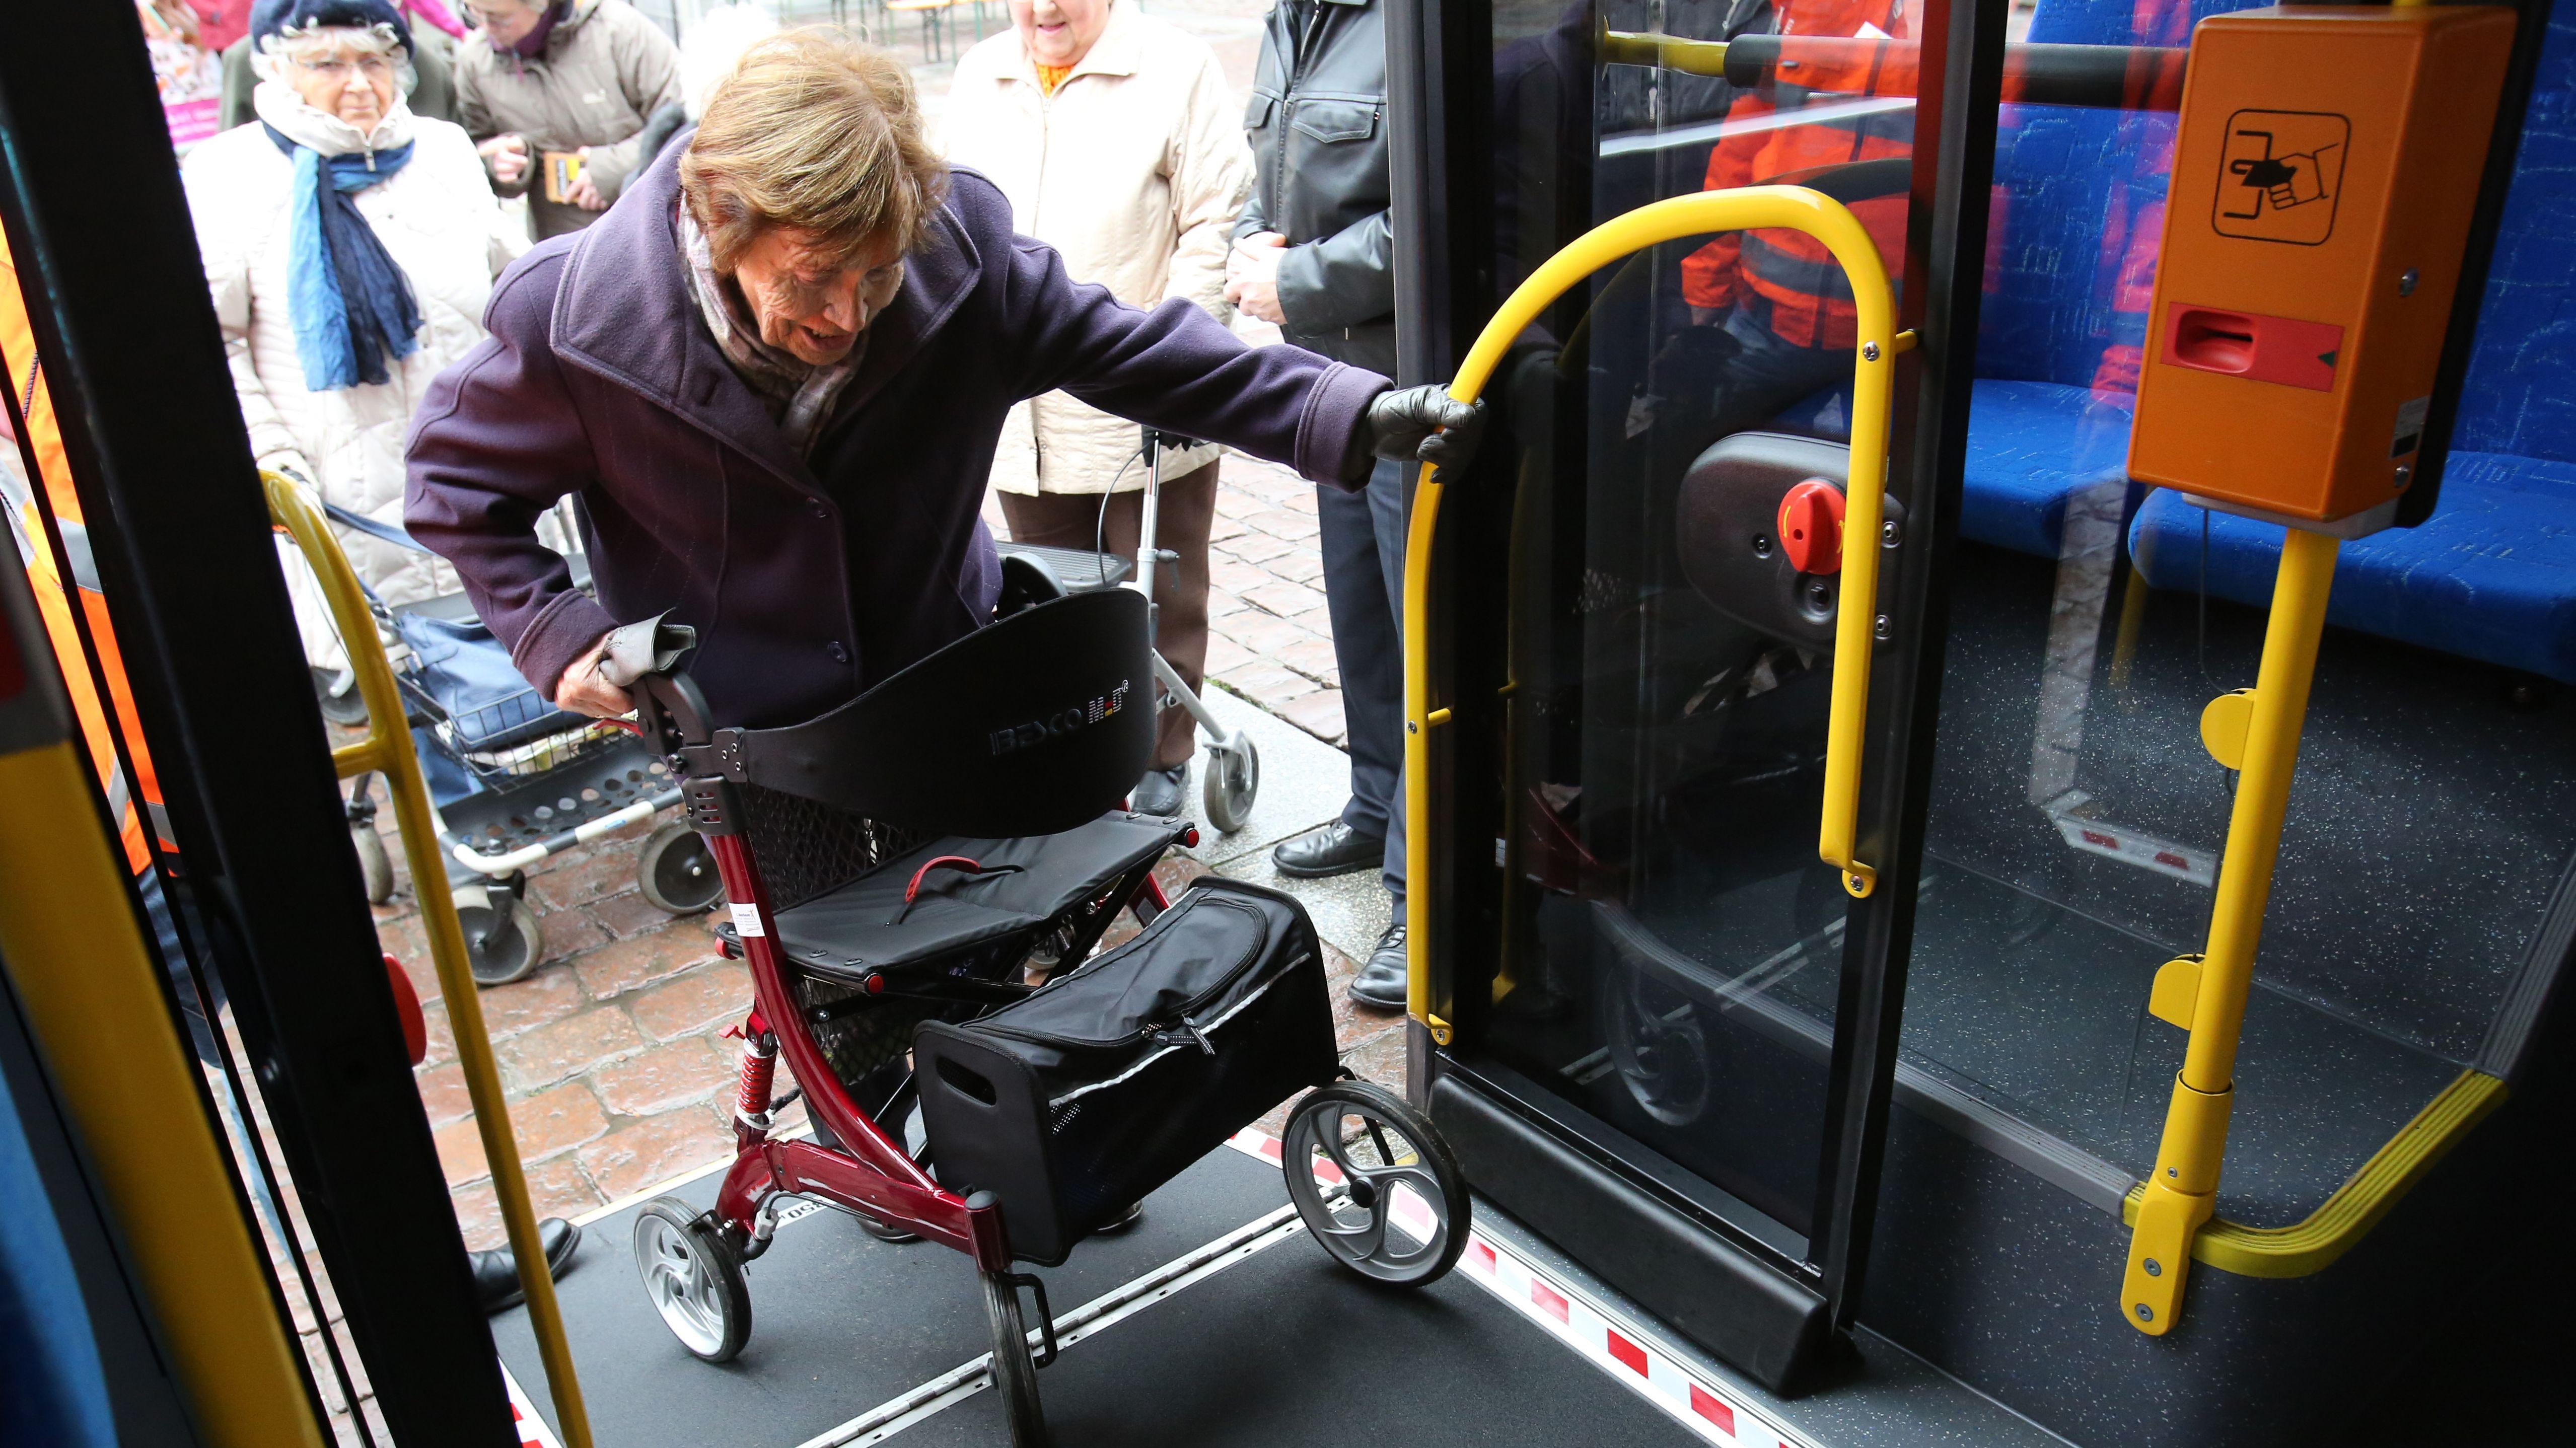 Seniorin mit Rollator steigt in einen Bus ein